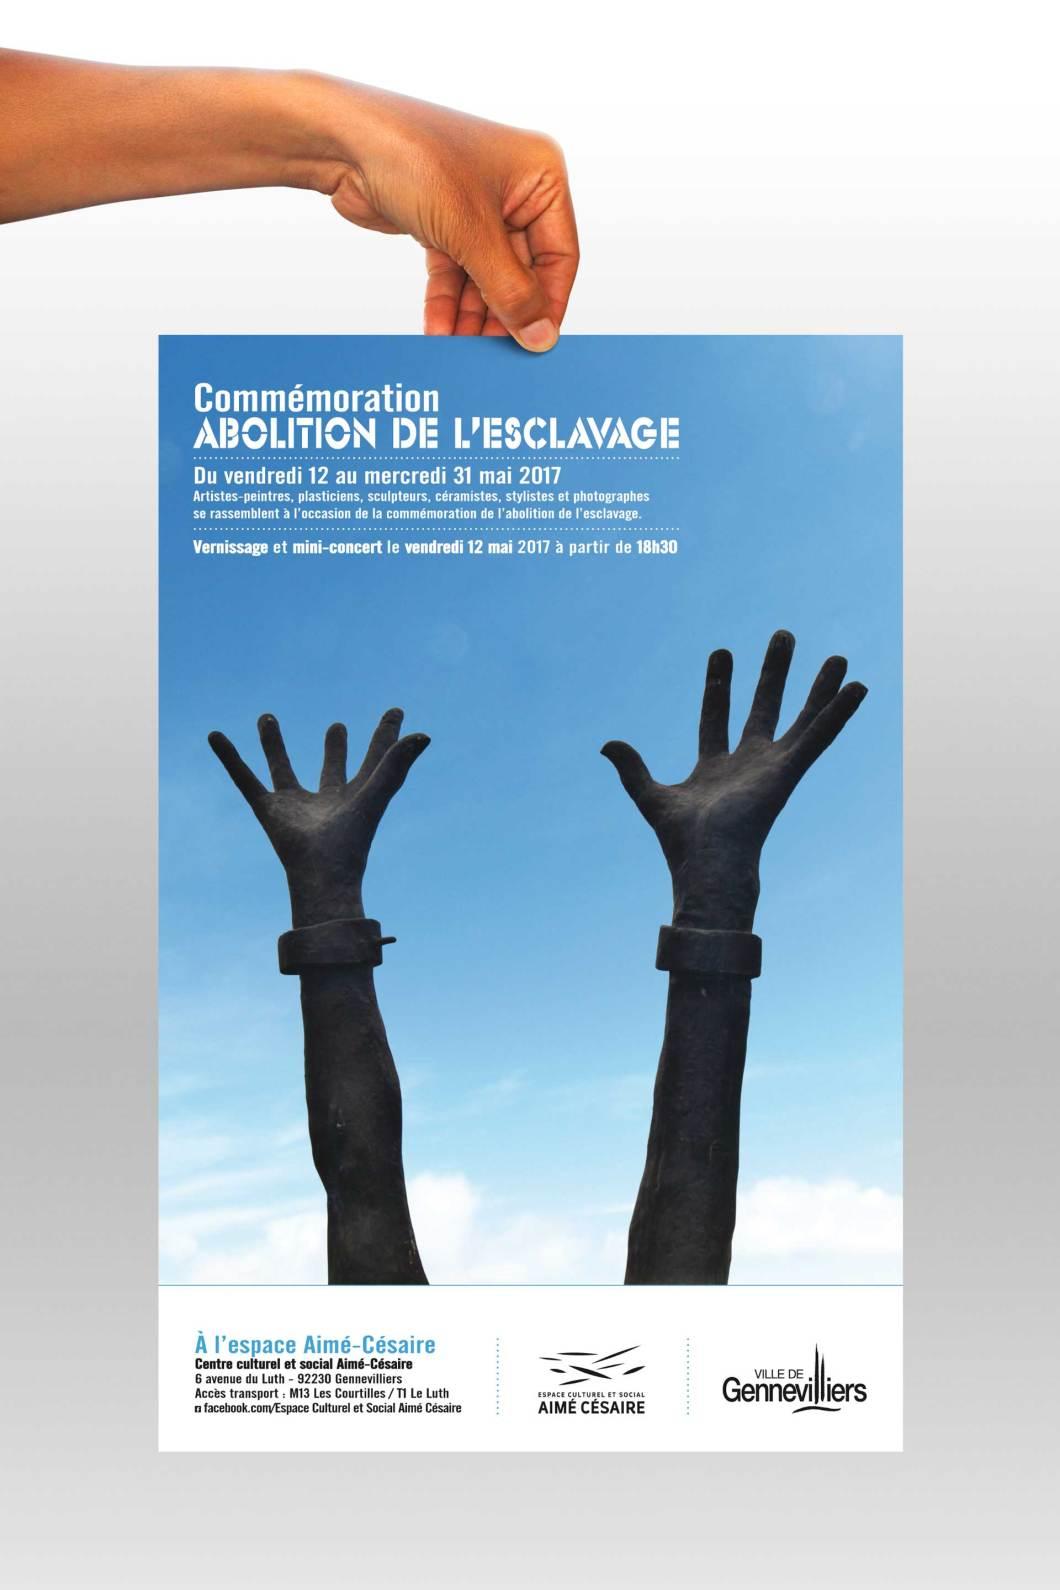 Affiche Commémoration d'abolition de l'esclavage